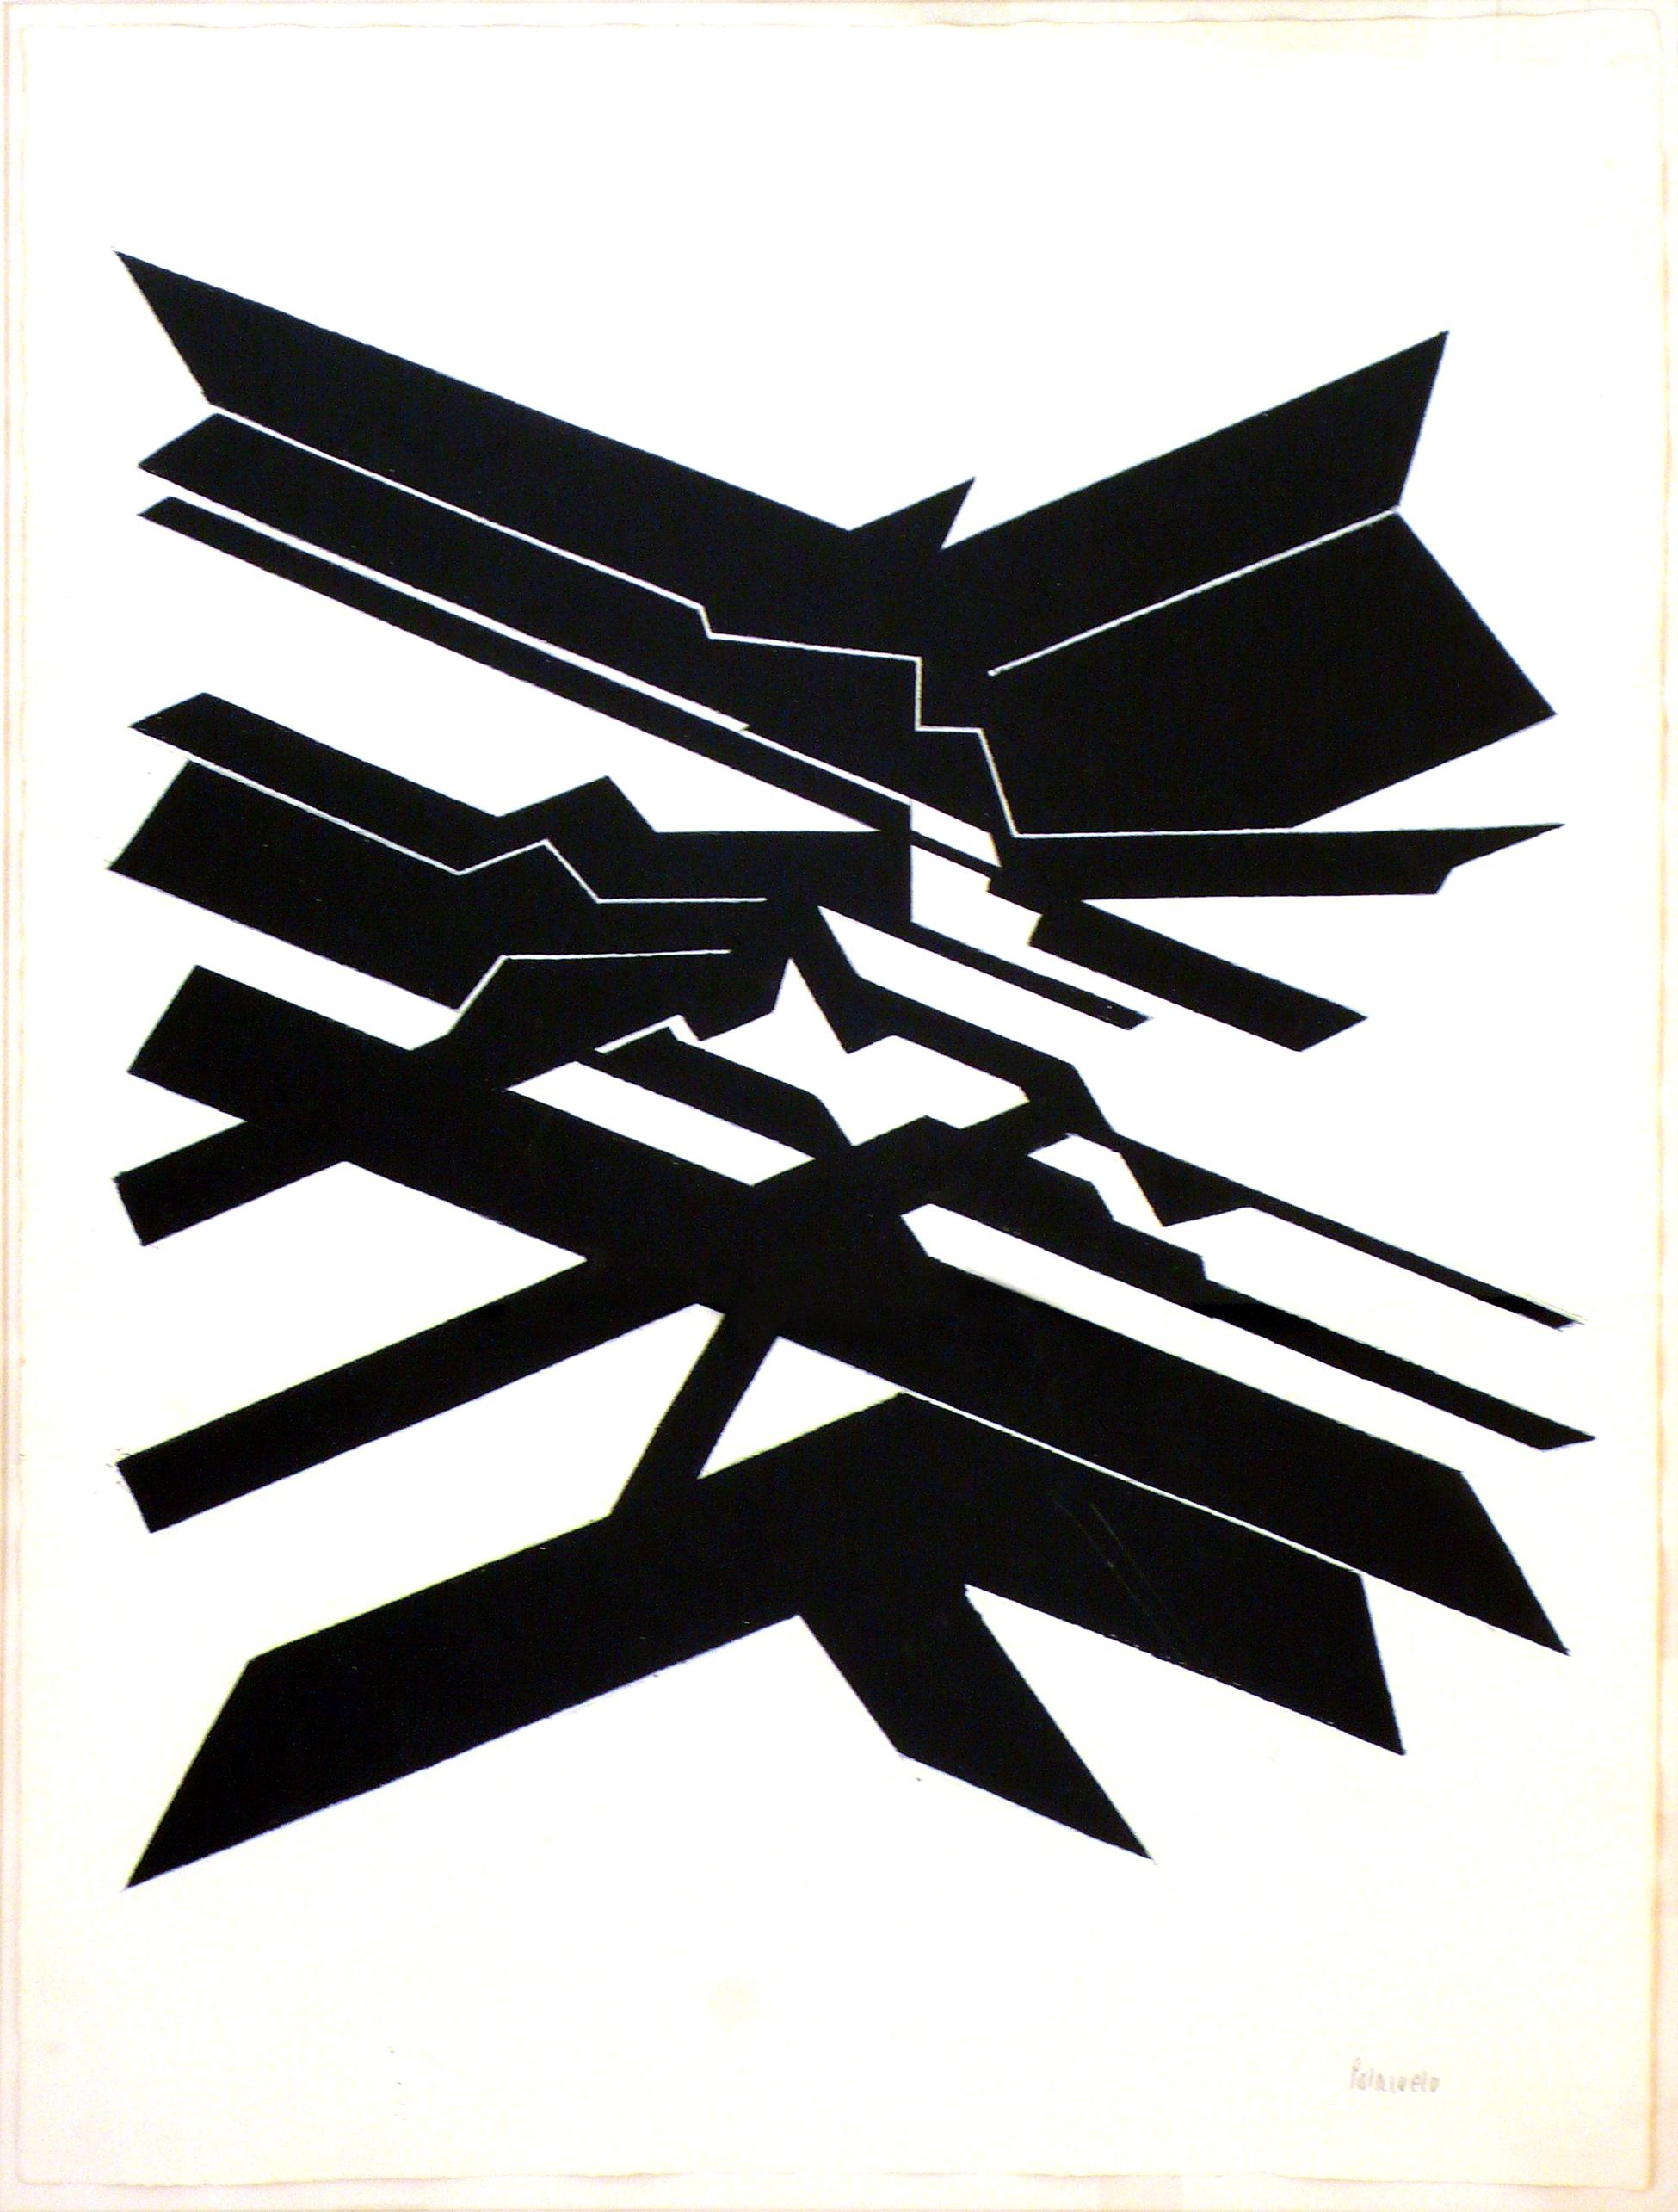 """Dibujo """"Sydus XII"""" de Pablo Palazuelo. Gouache sobre papel. 1997"""